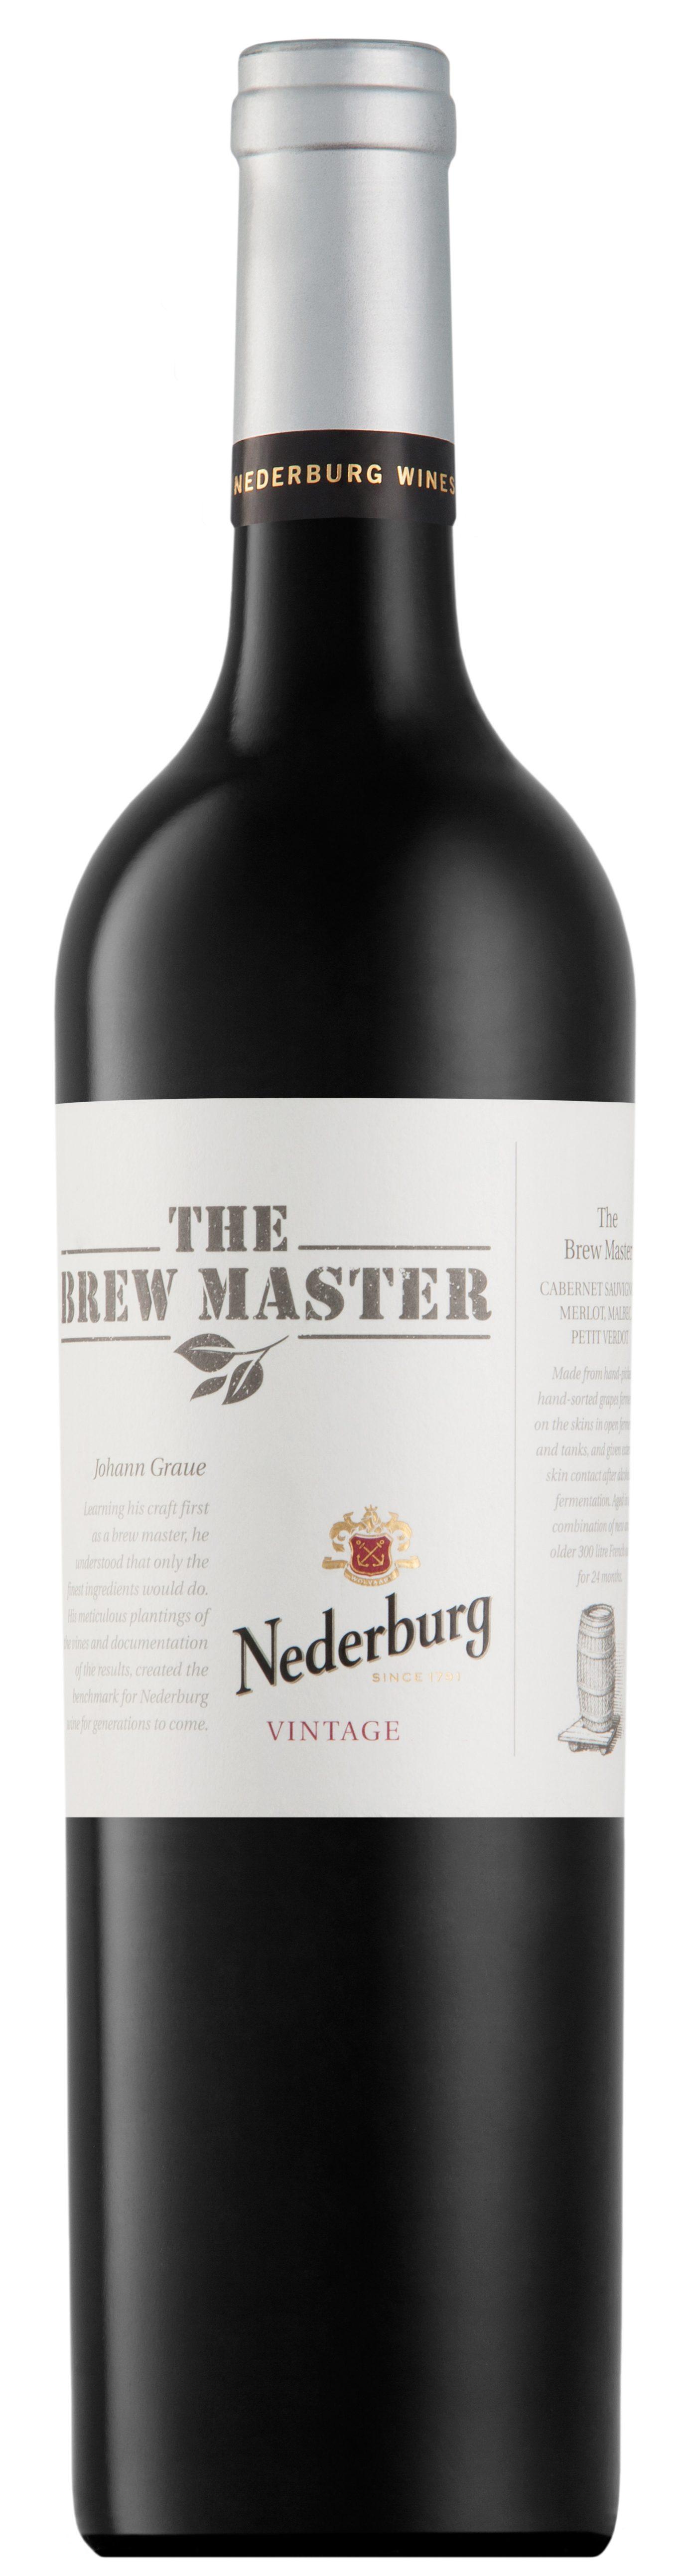 Nederburg Heritage Heroes, The Brew Master